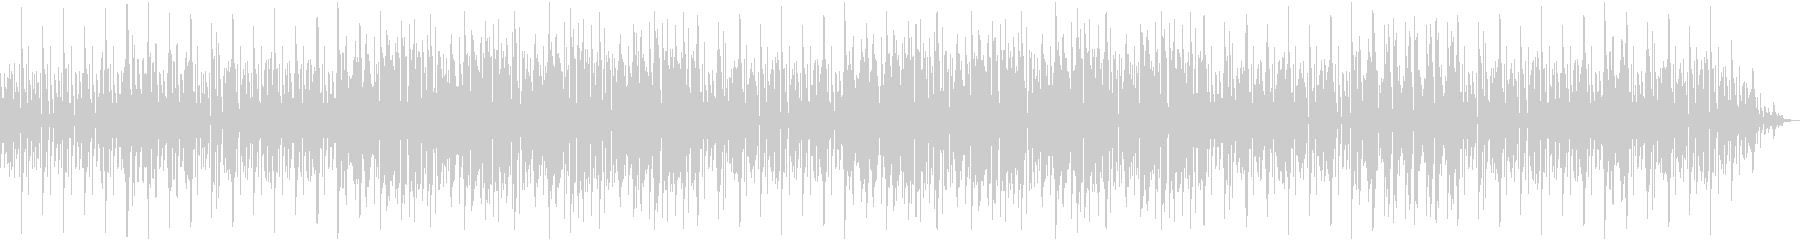 響きにインパクトある独特なメロディーの未再生の波形